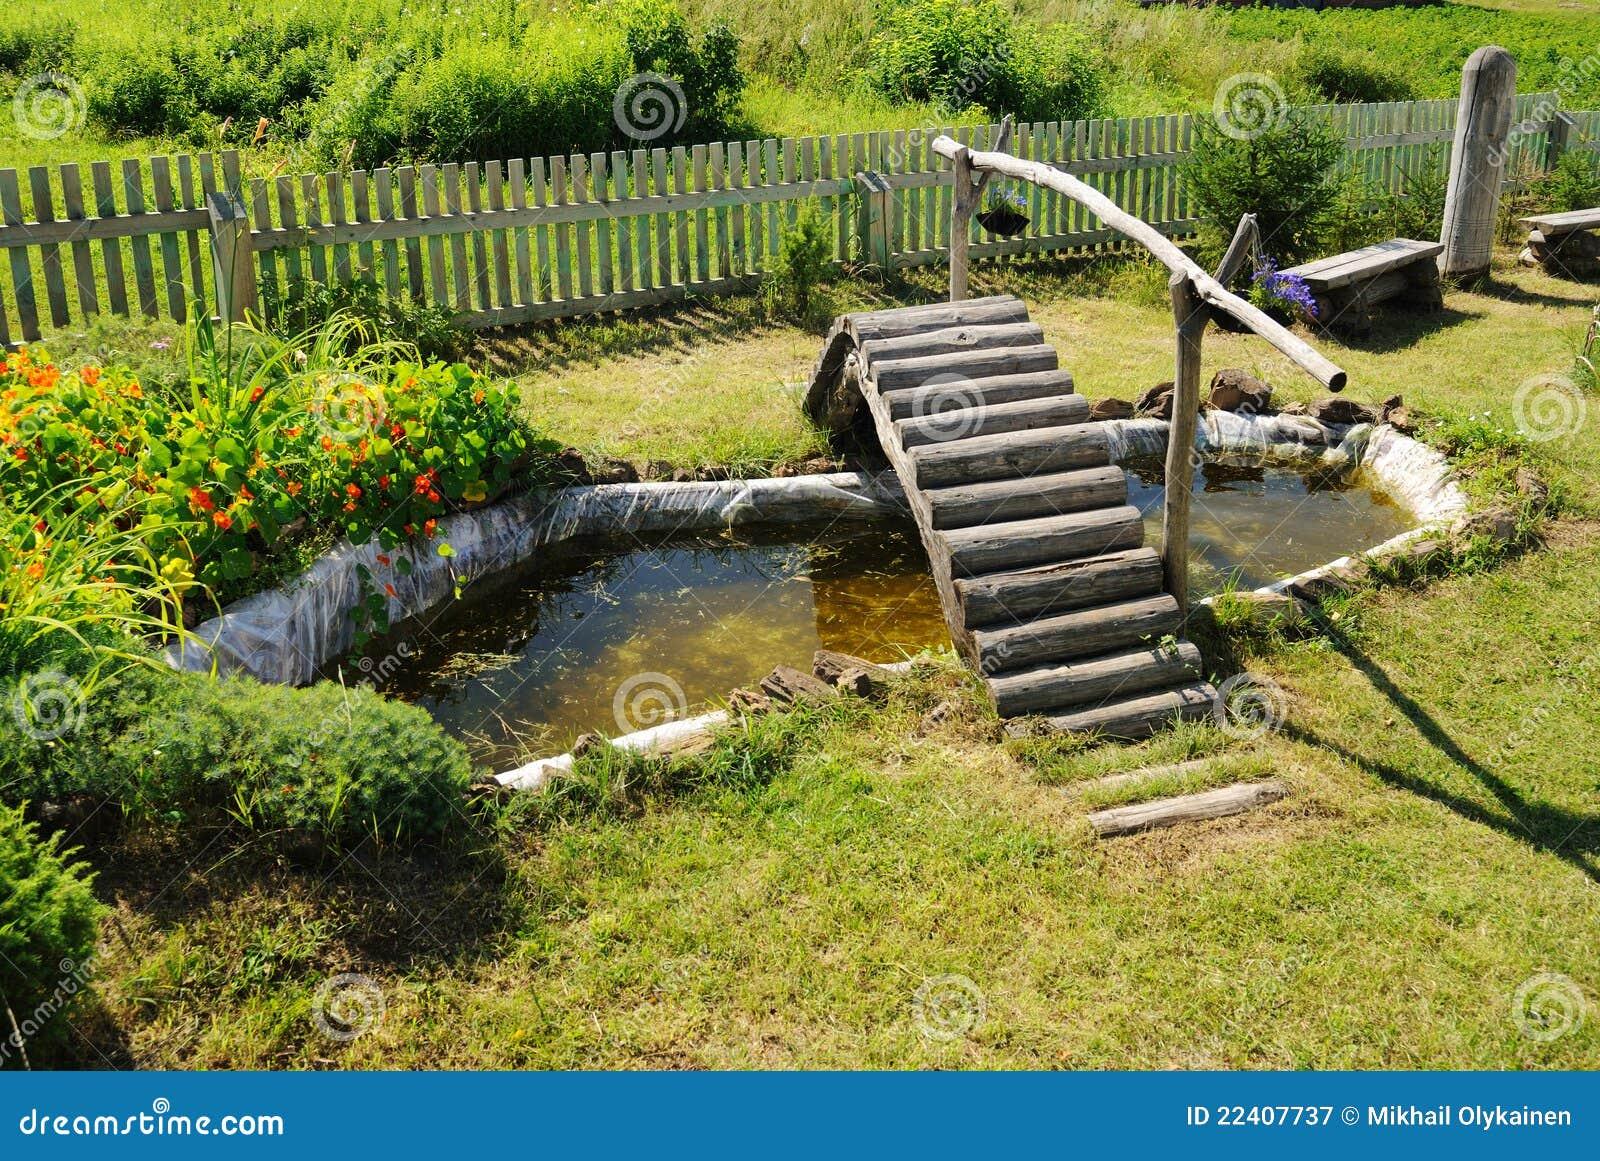 Petit tang de jardin avec la passerelle en bois for Etang jardin